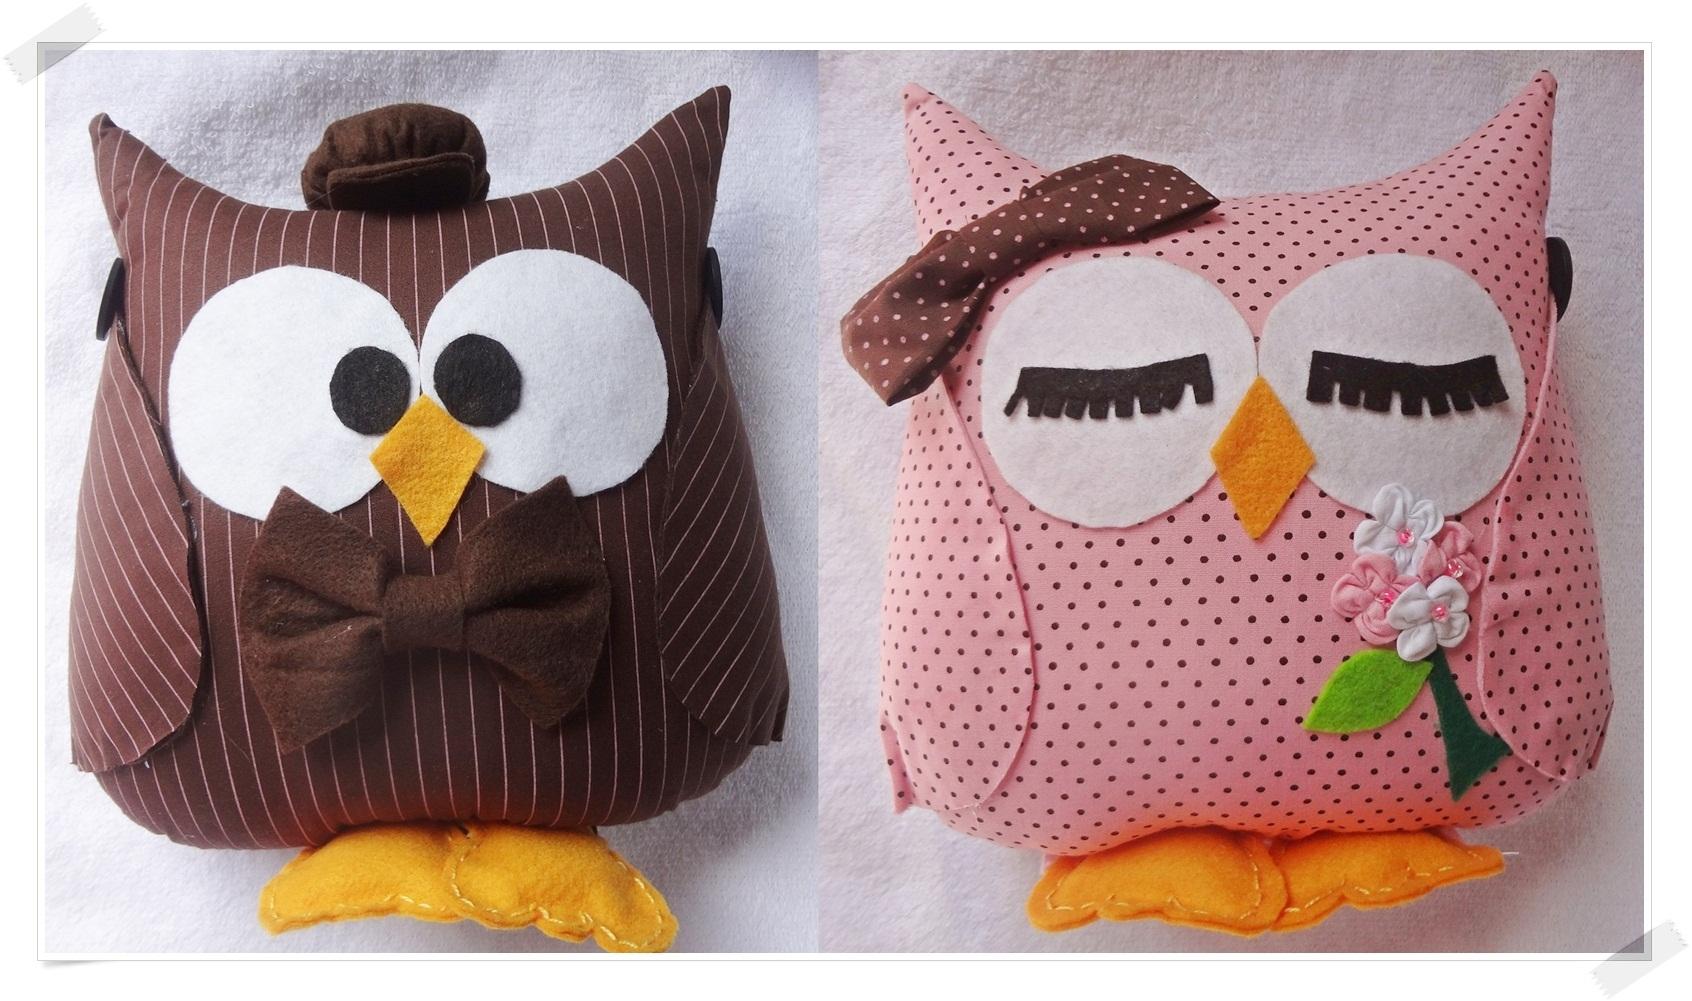 almofadas casal coruja padrinho almofadas casal coruja namorados